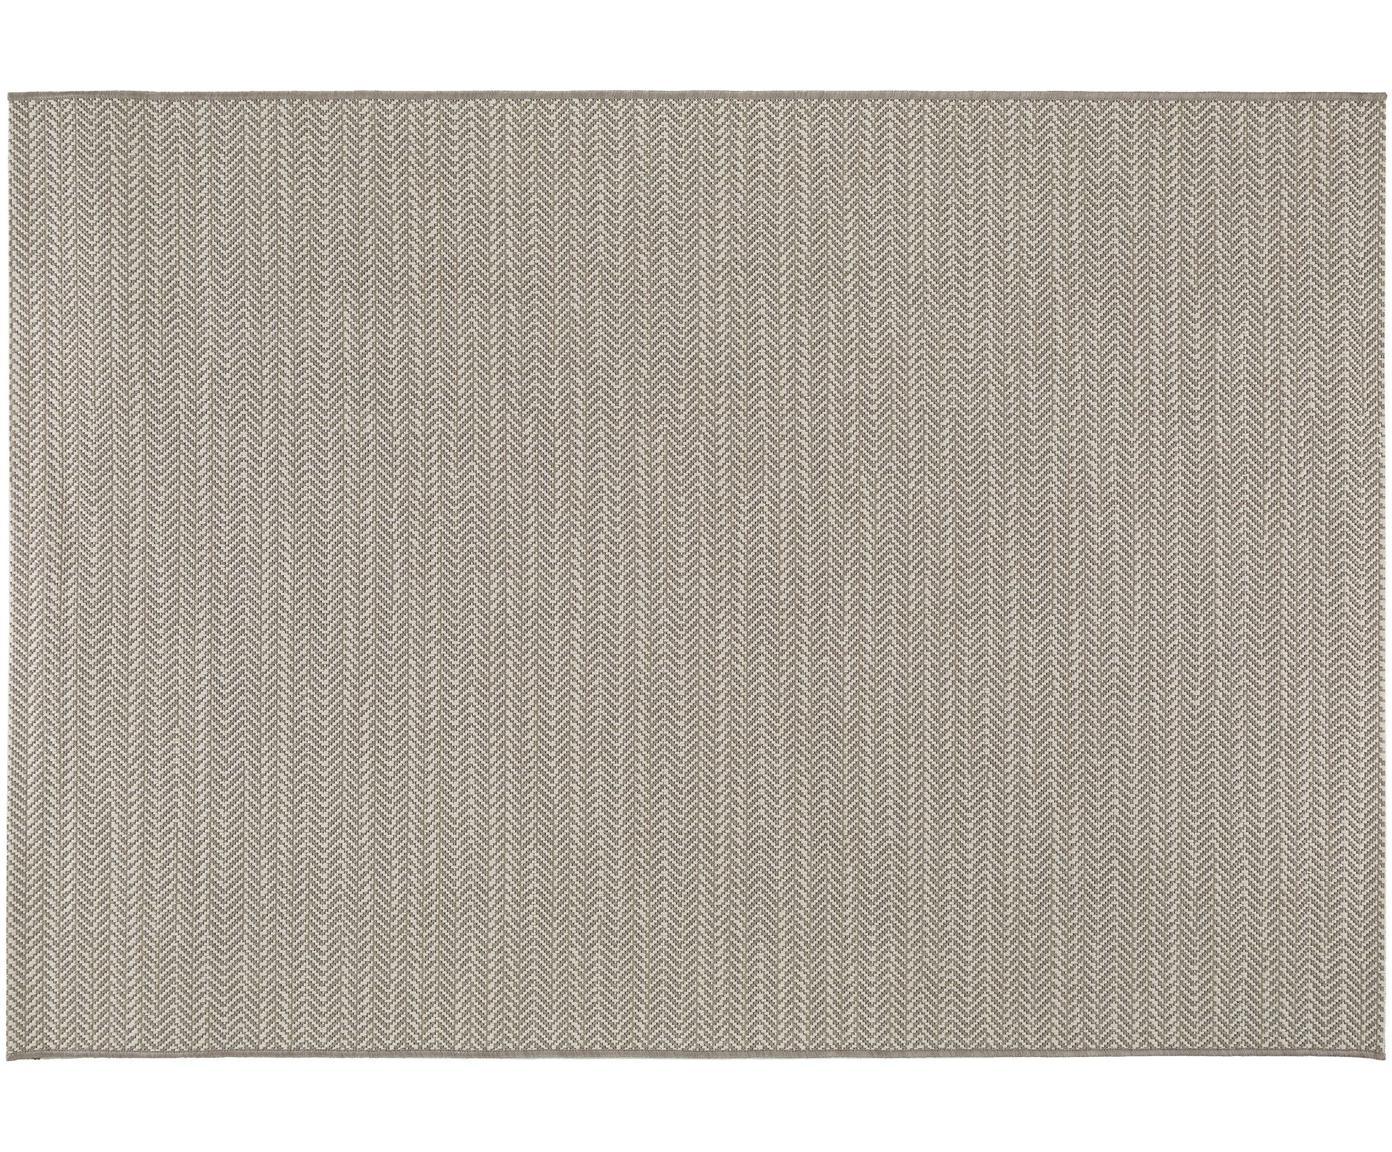 In- & Outdoor-Teppich Metro Needle, 100% Polypropylen, Beige, B 80 x L 150 cm (Größe XS)